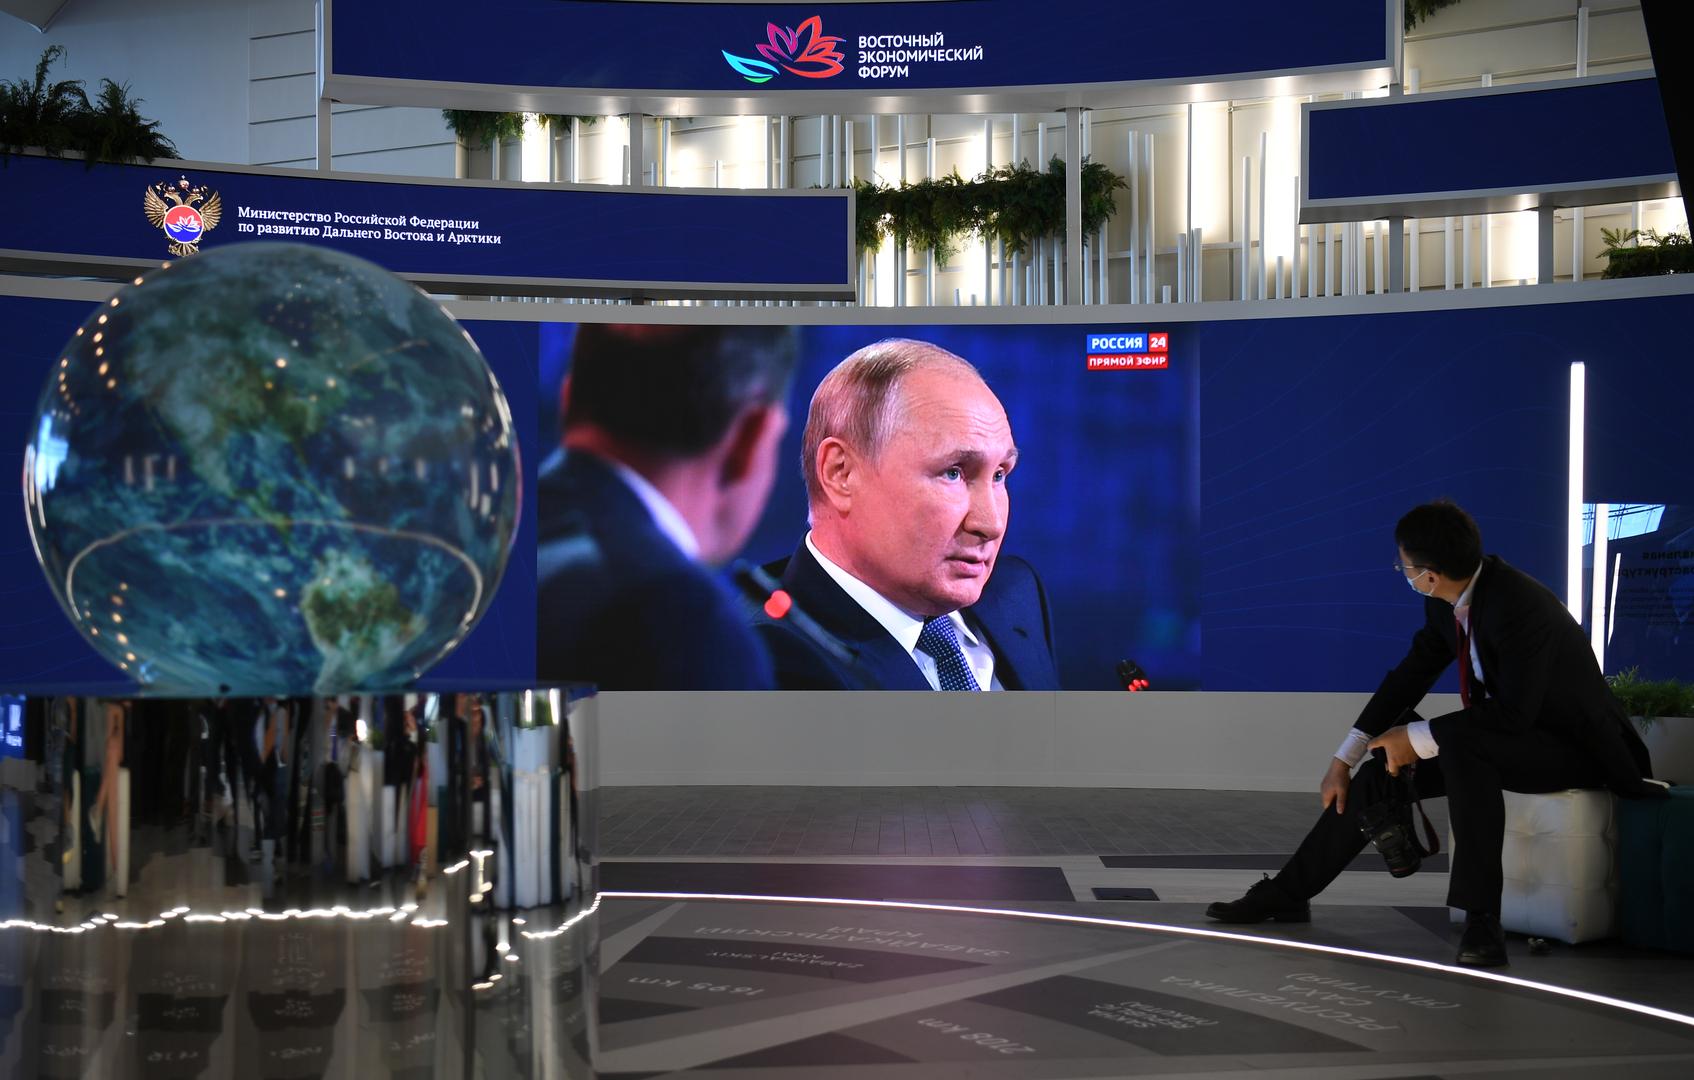 الرئيس الروسي فلاديمير بوتين بالجلسة العامة لمنتدى الشرق الاقتصادي